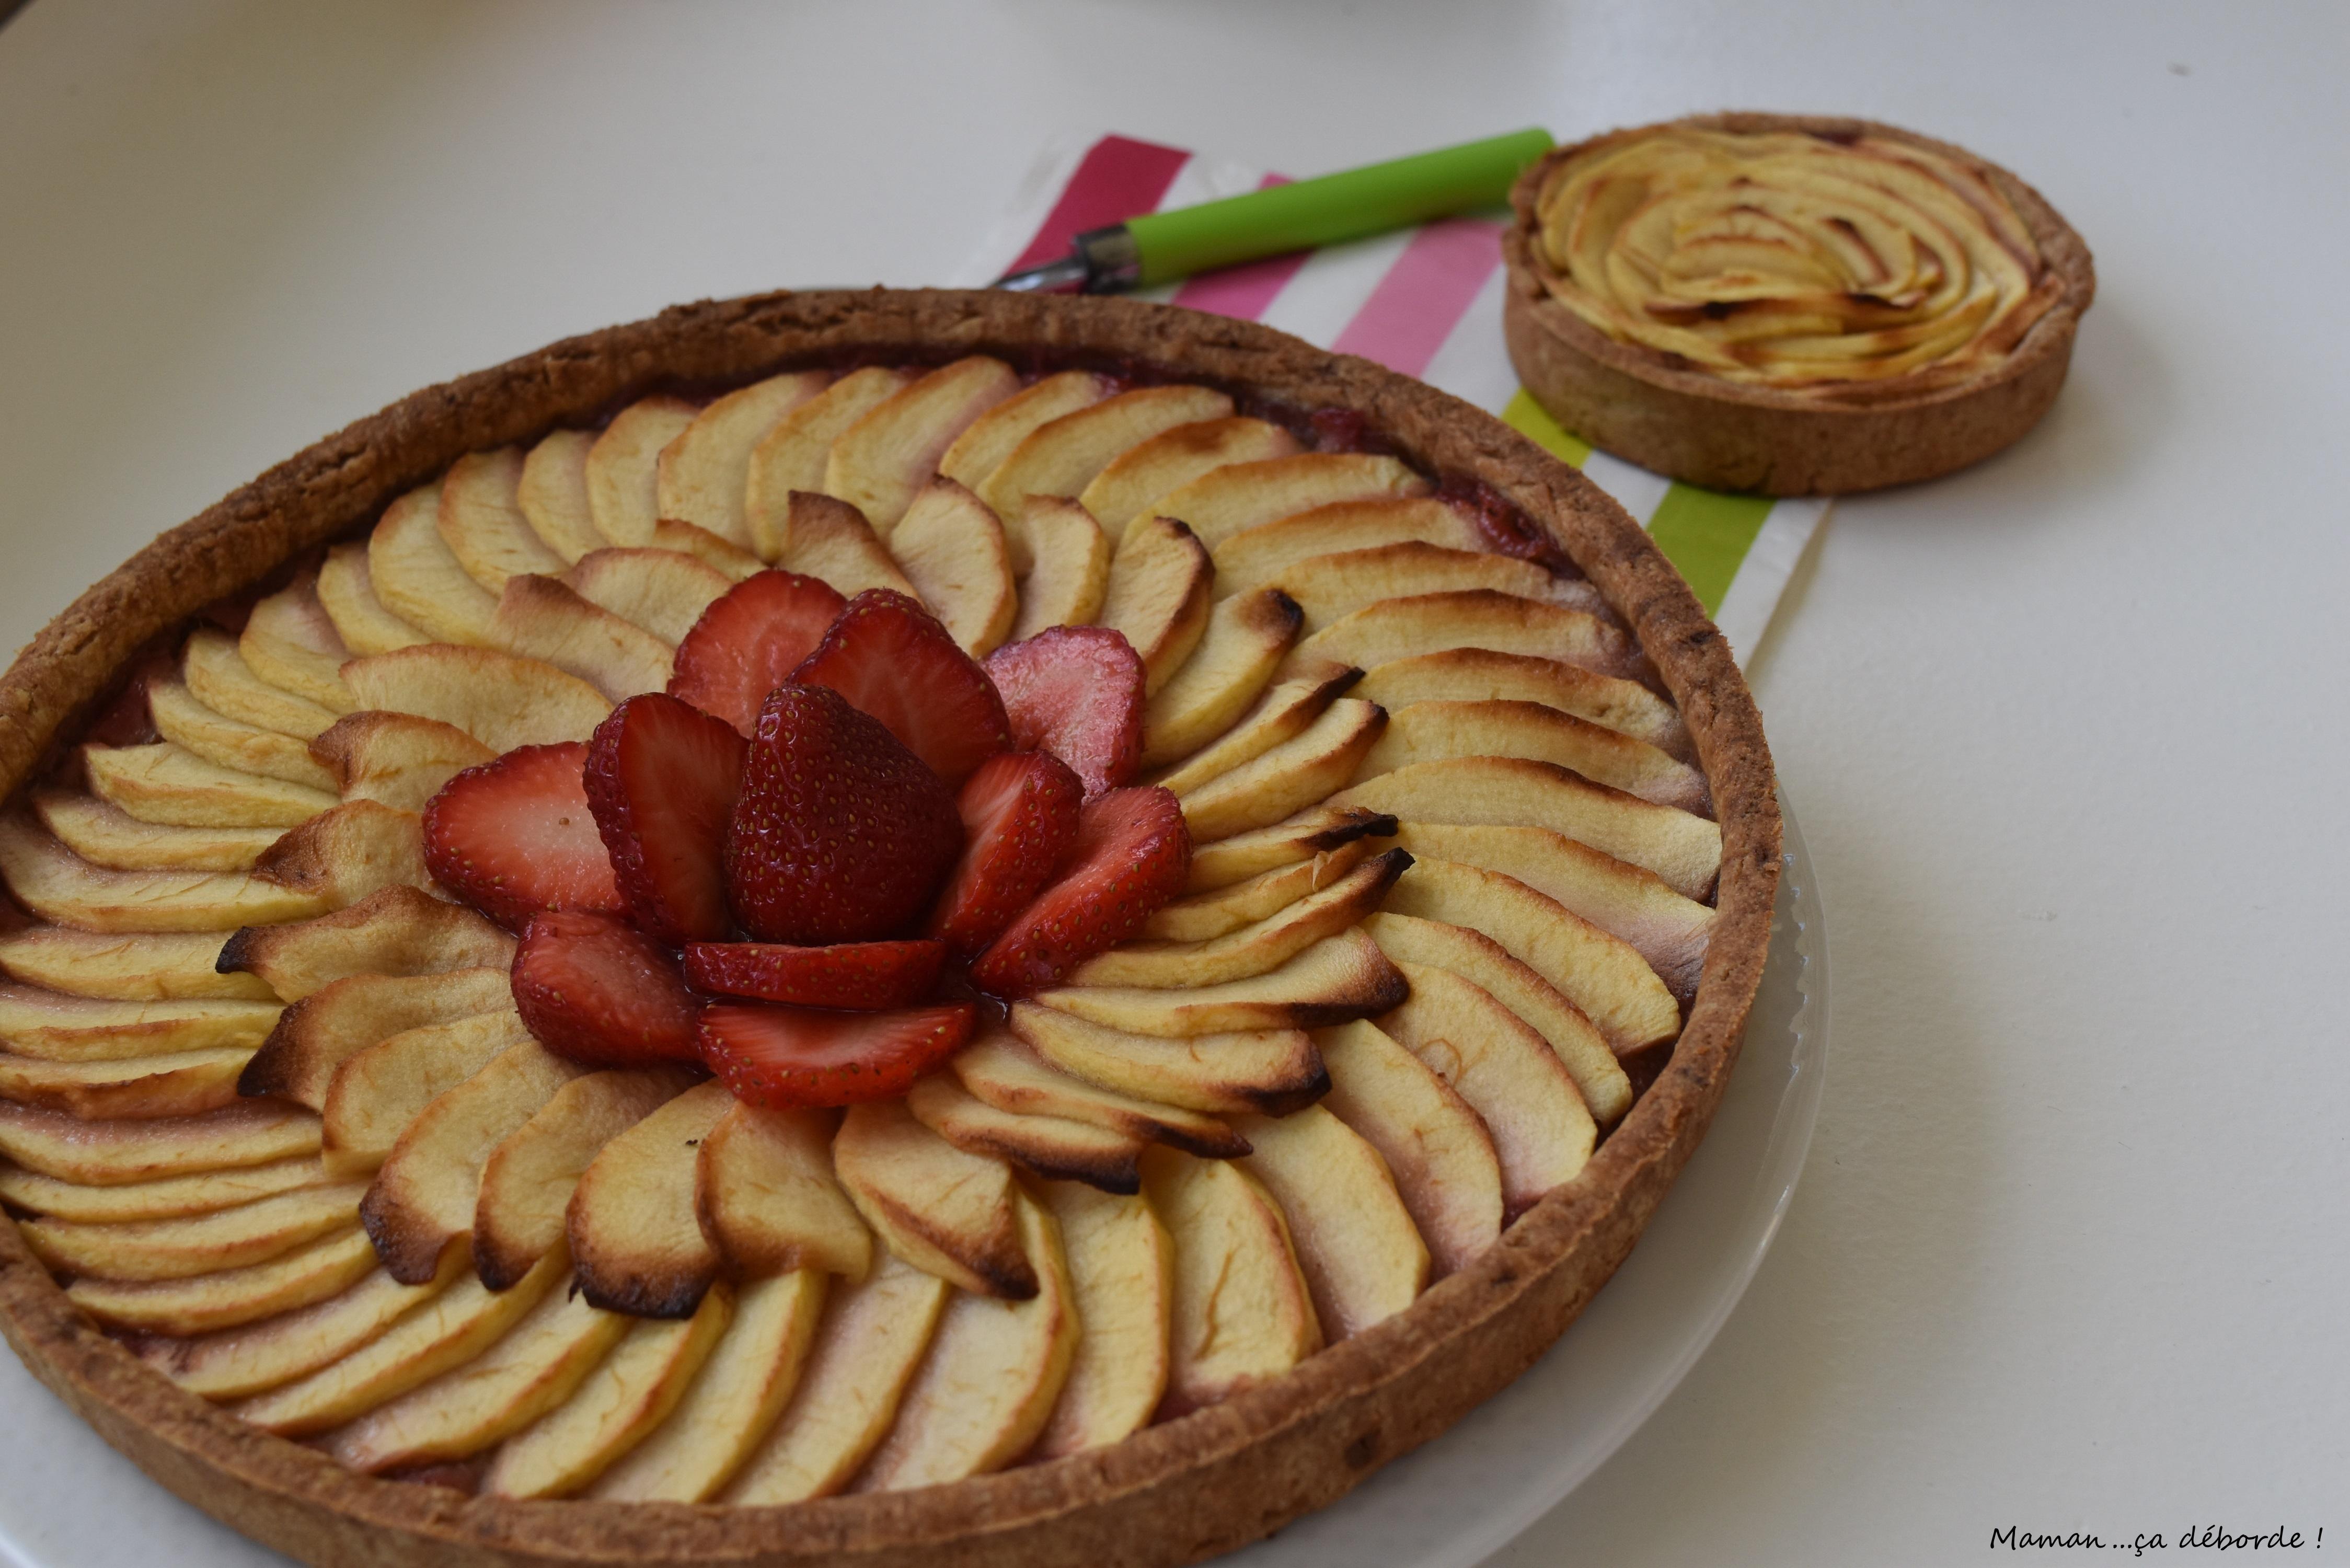 Tarte aux pommes à la fraise6